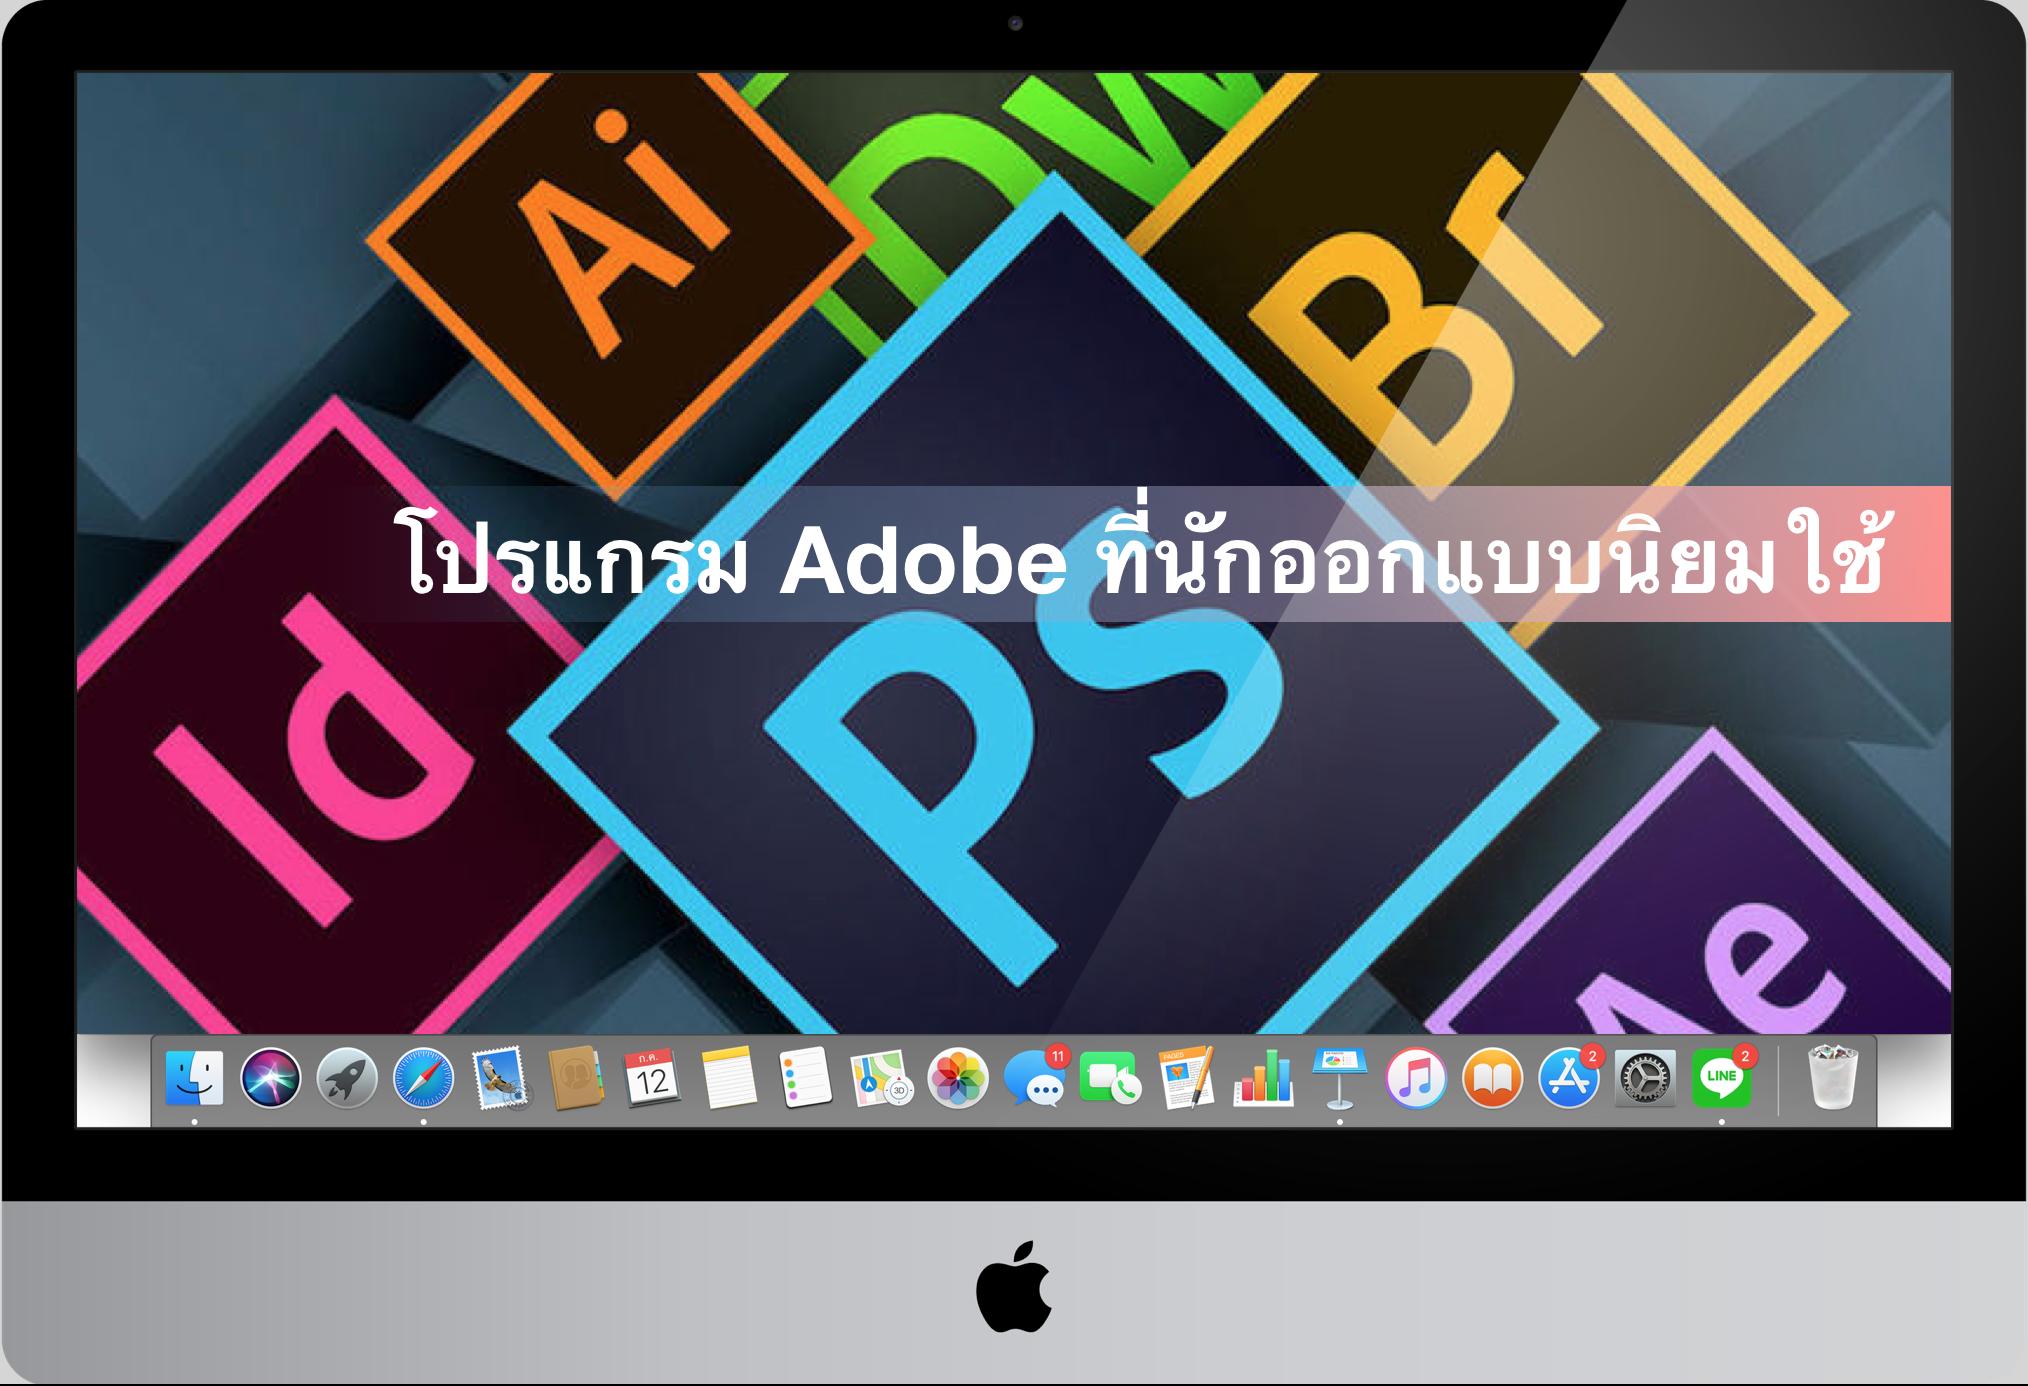 รวมโปรแกรม-Adobe-ที่นักออกแบบนิยมใช้